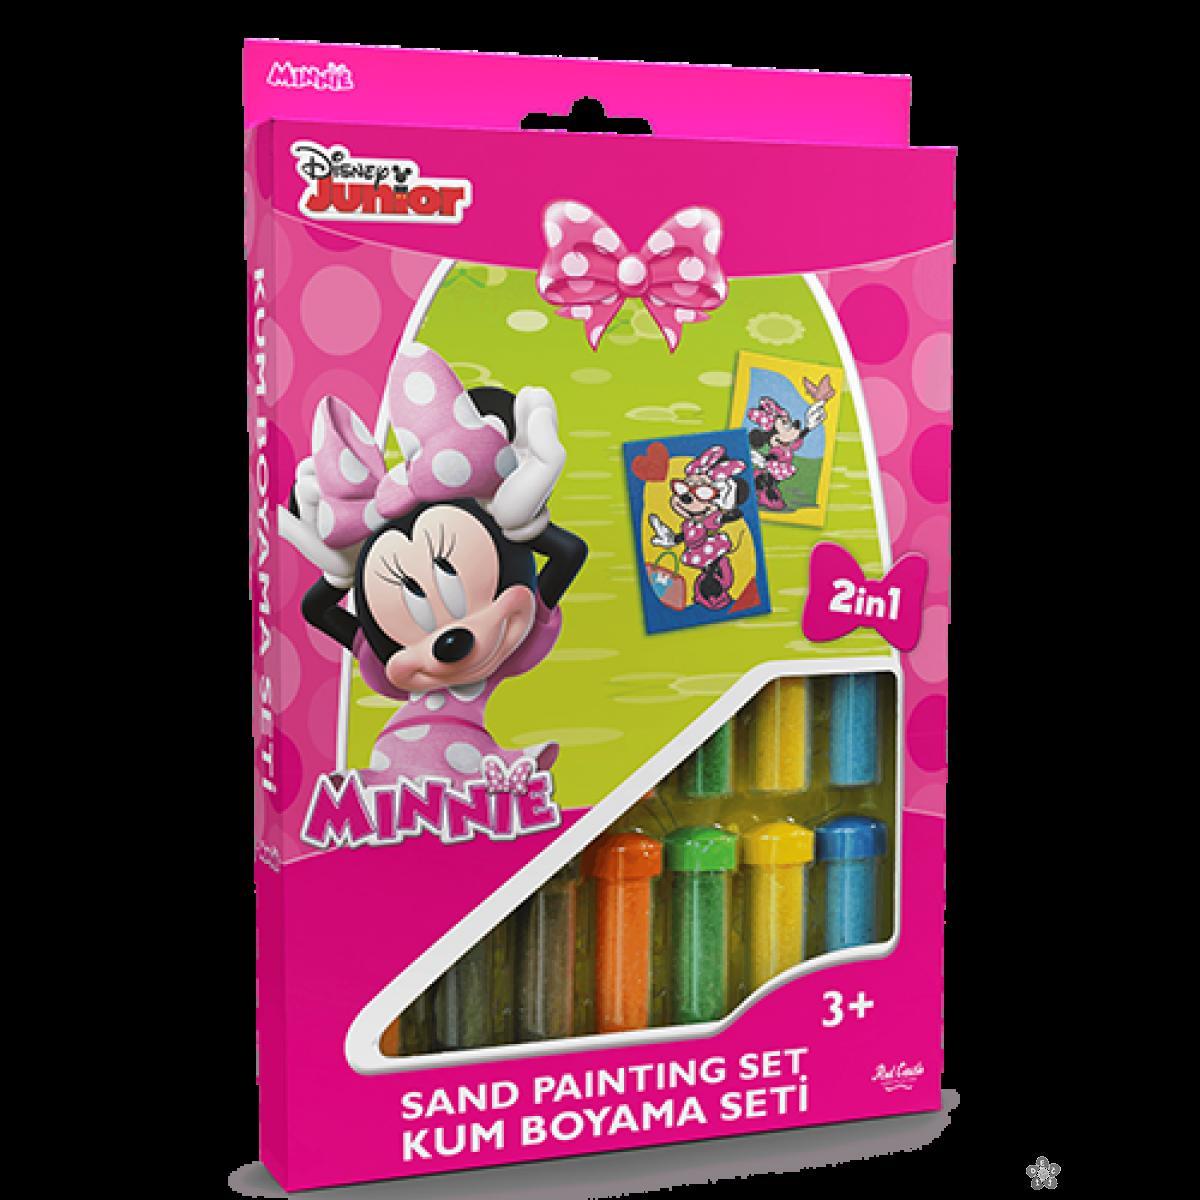 Minnie set za slikanje peskom 2 u 1